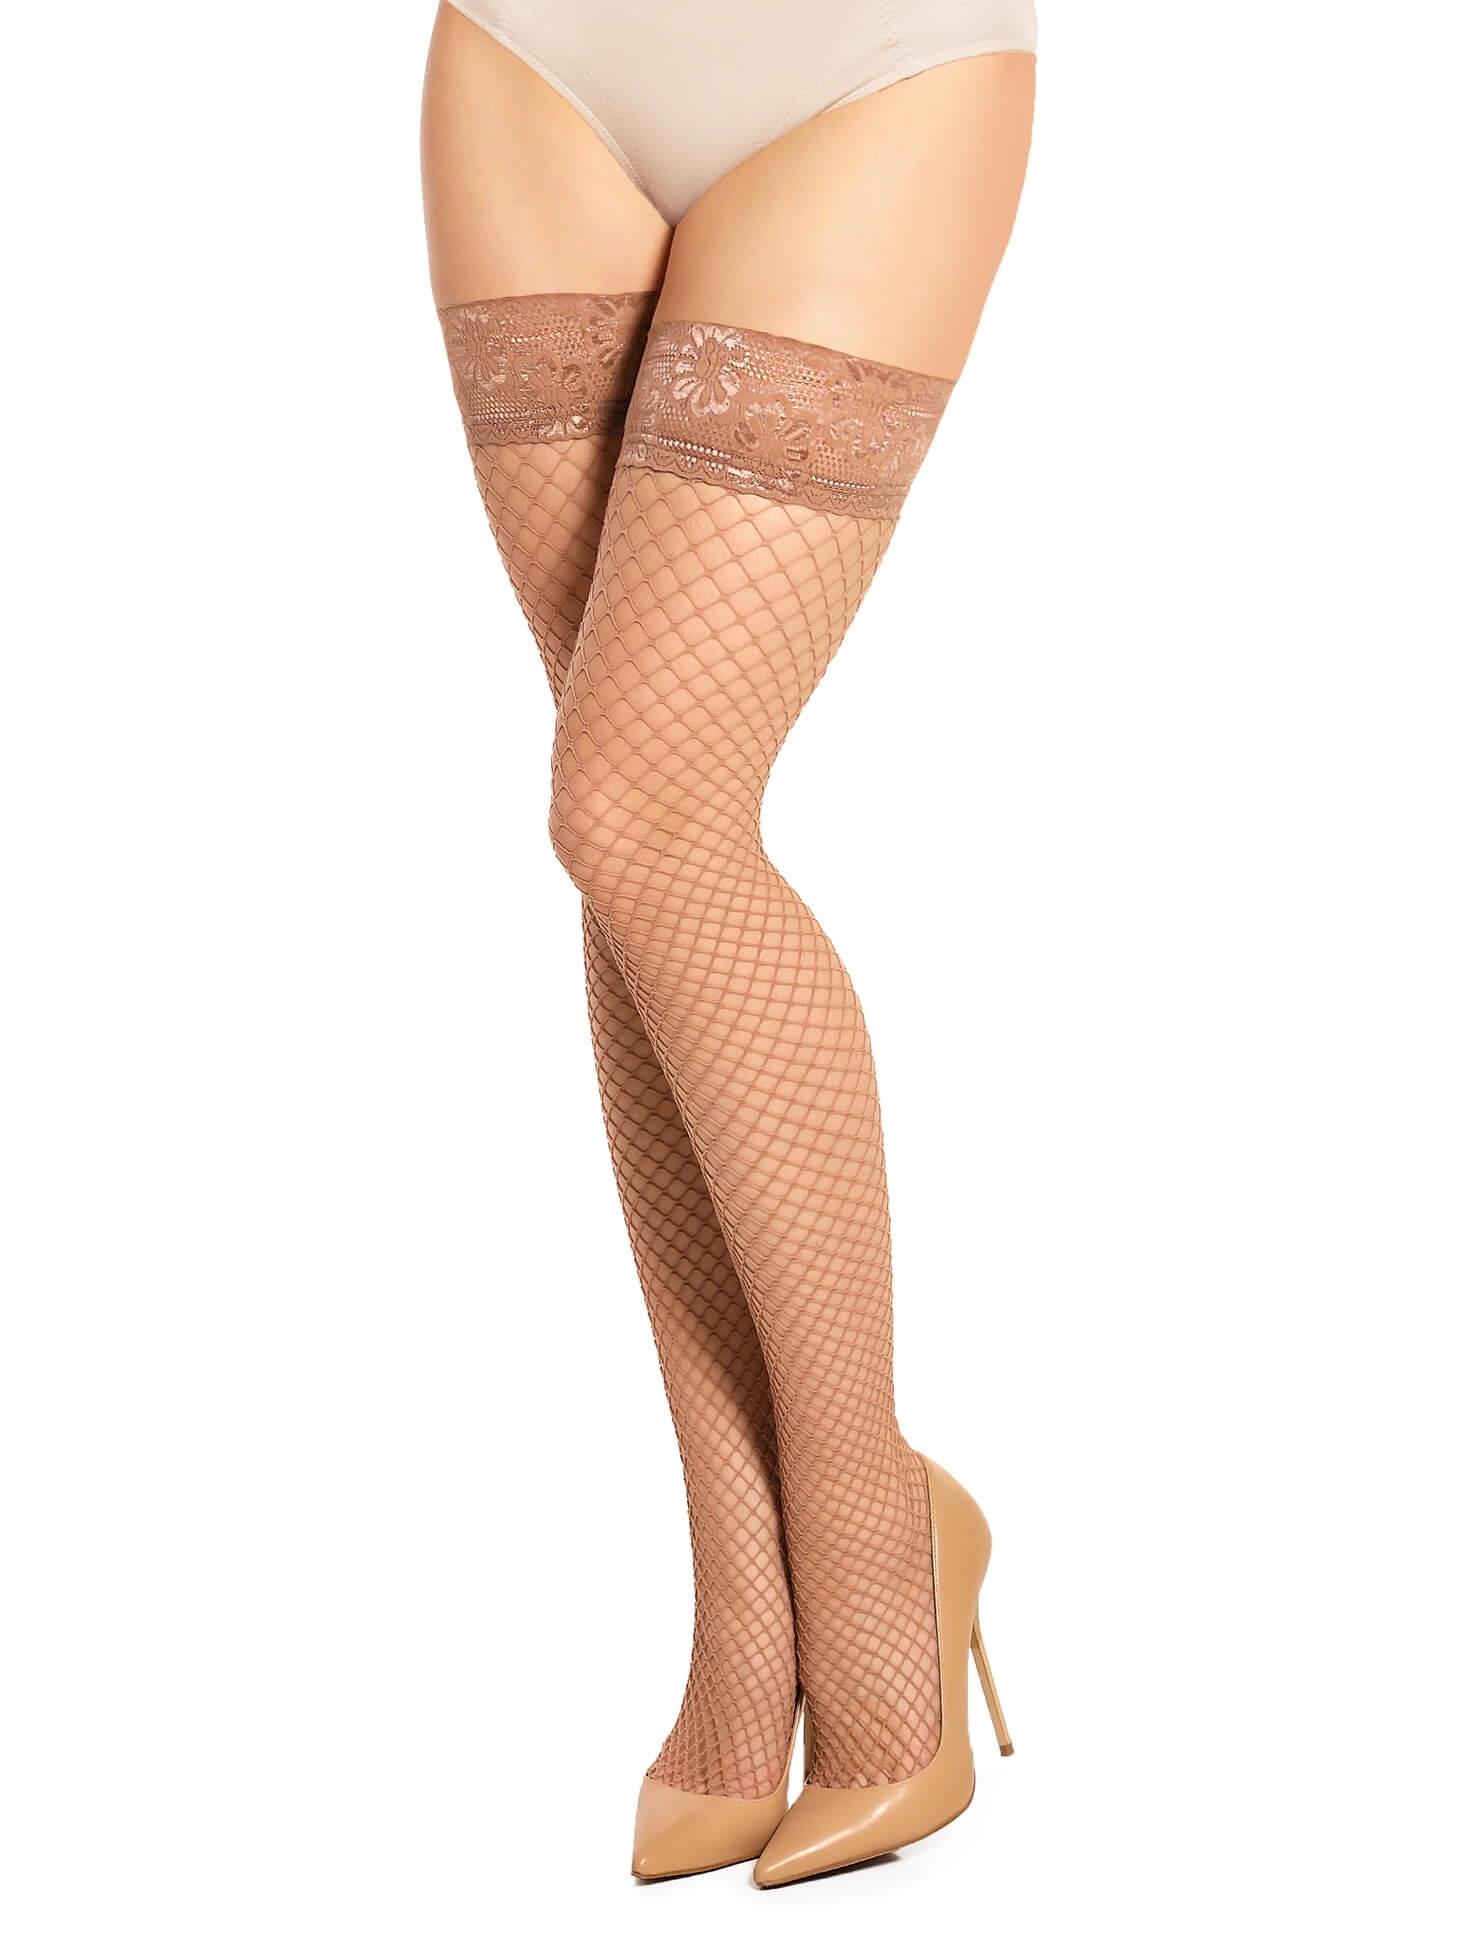 lårlange støvler til kvinder sex dukke